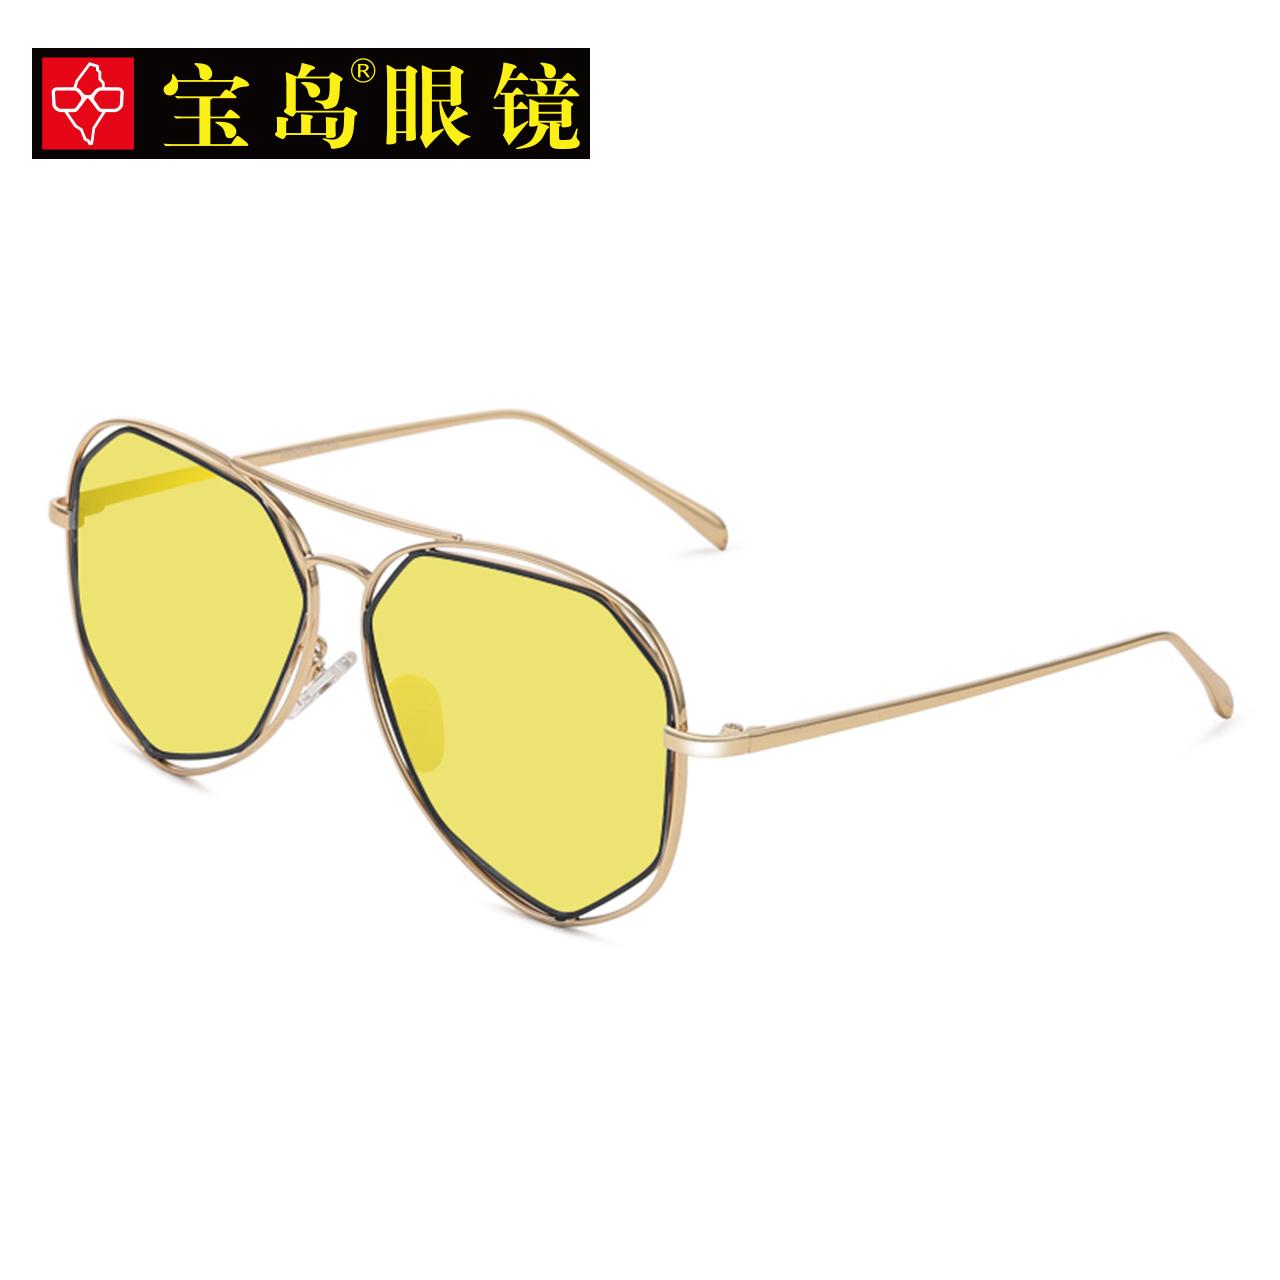 目戏太阳镜 女款潮人韩版大框偏光个性优雅驾驶镜百搭墨镜 3036